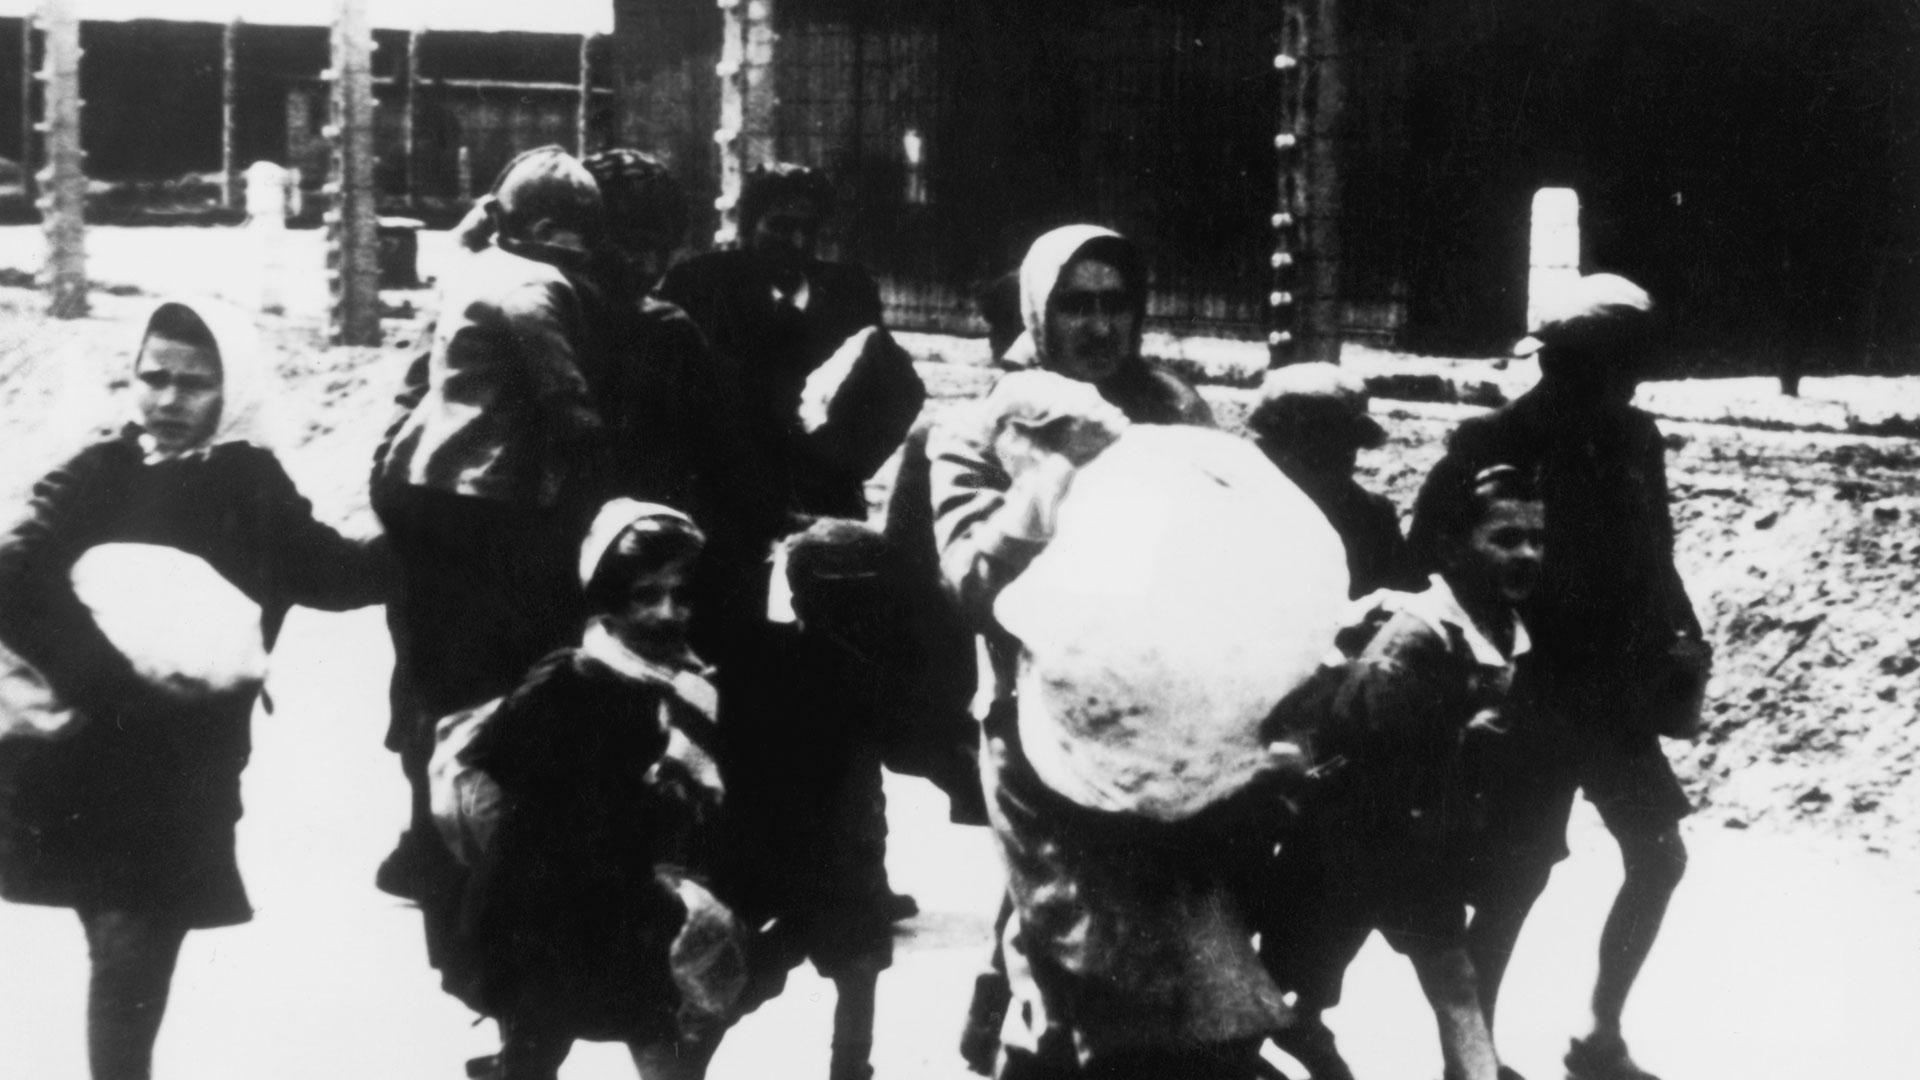 En algunos casos los nazis seleccionaban prisioneros para ser enviados a campos de trabajo o para realizar experimentación médica